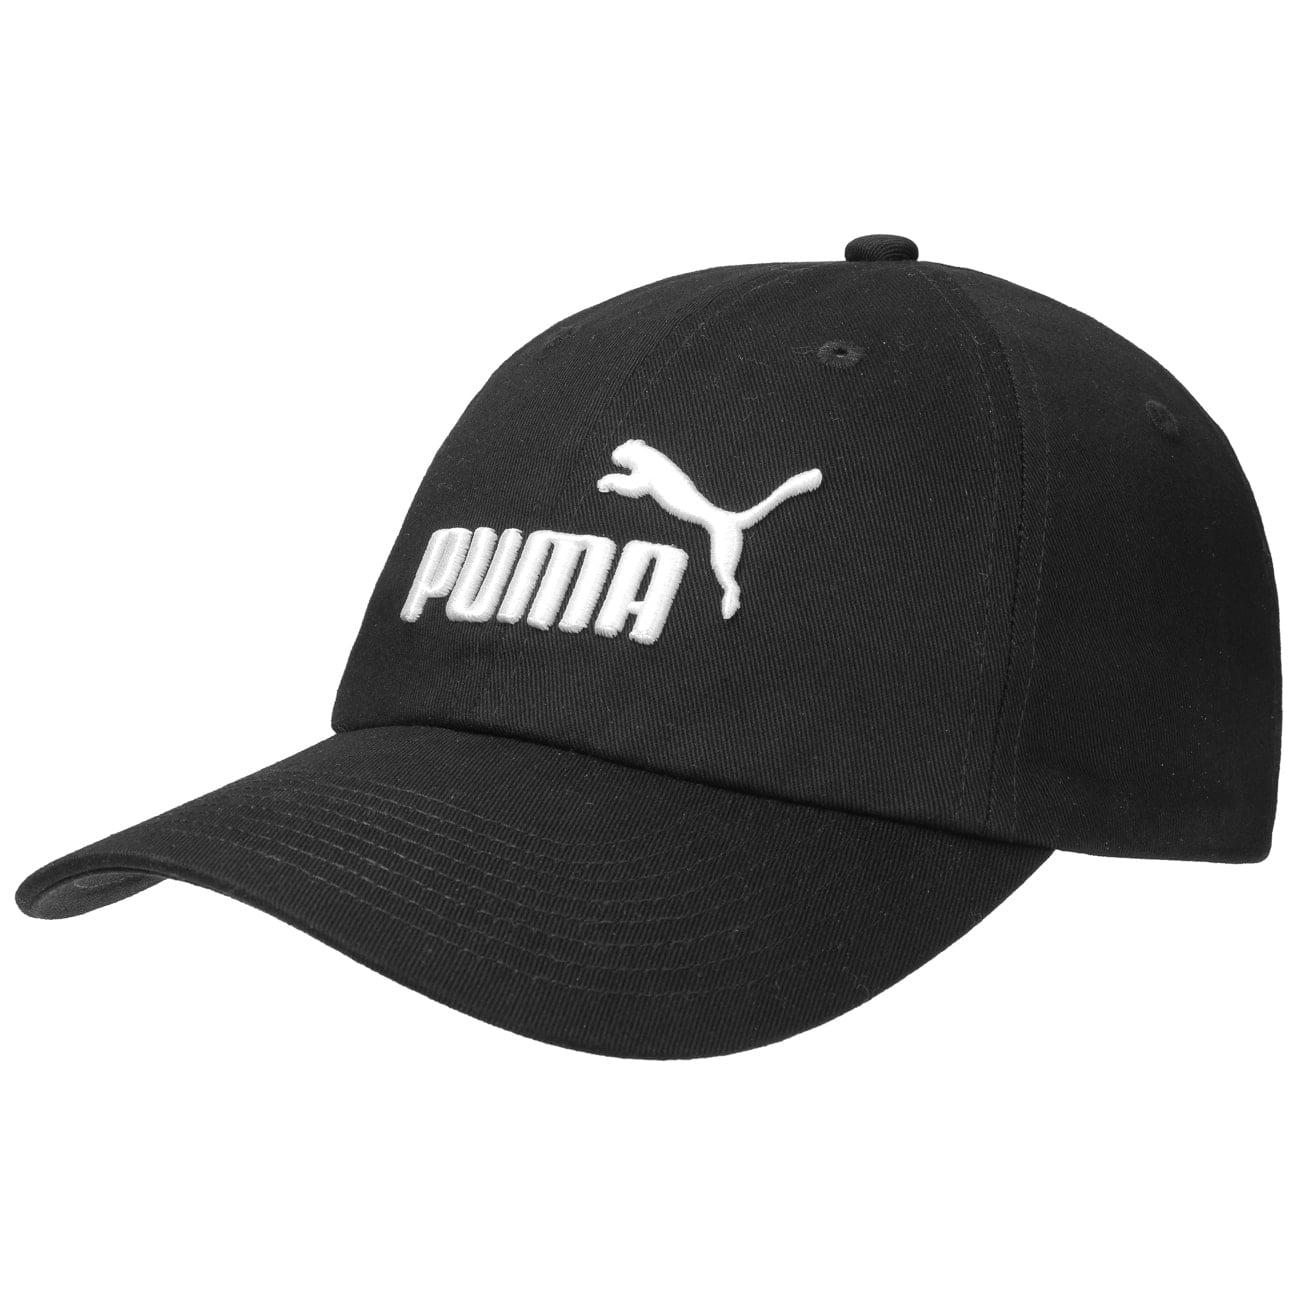 No. 1 Baseballcap by PUMA  Schirmmütze